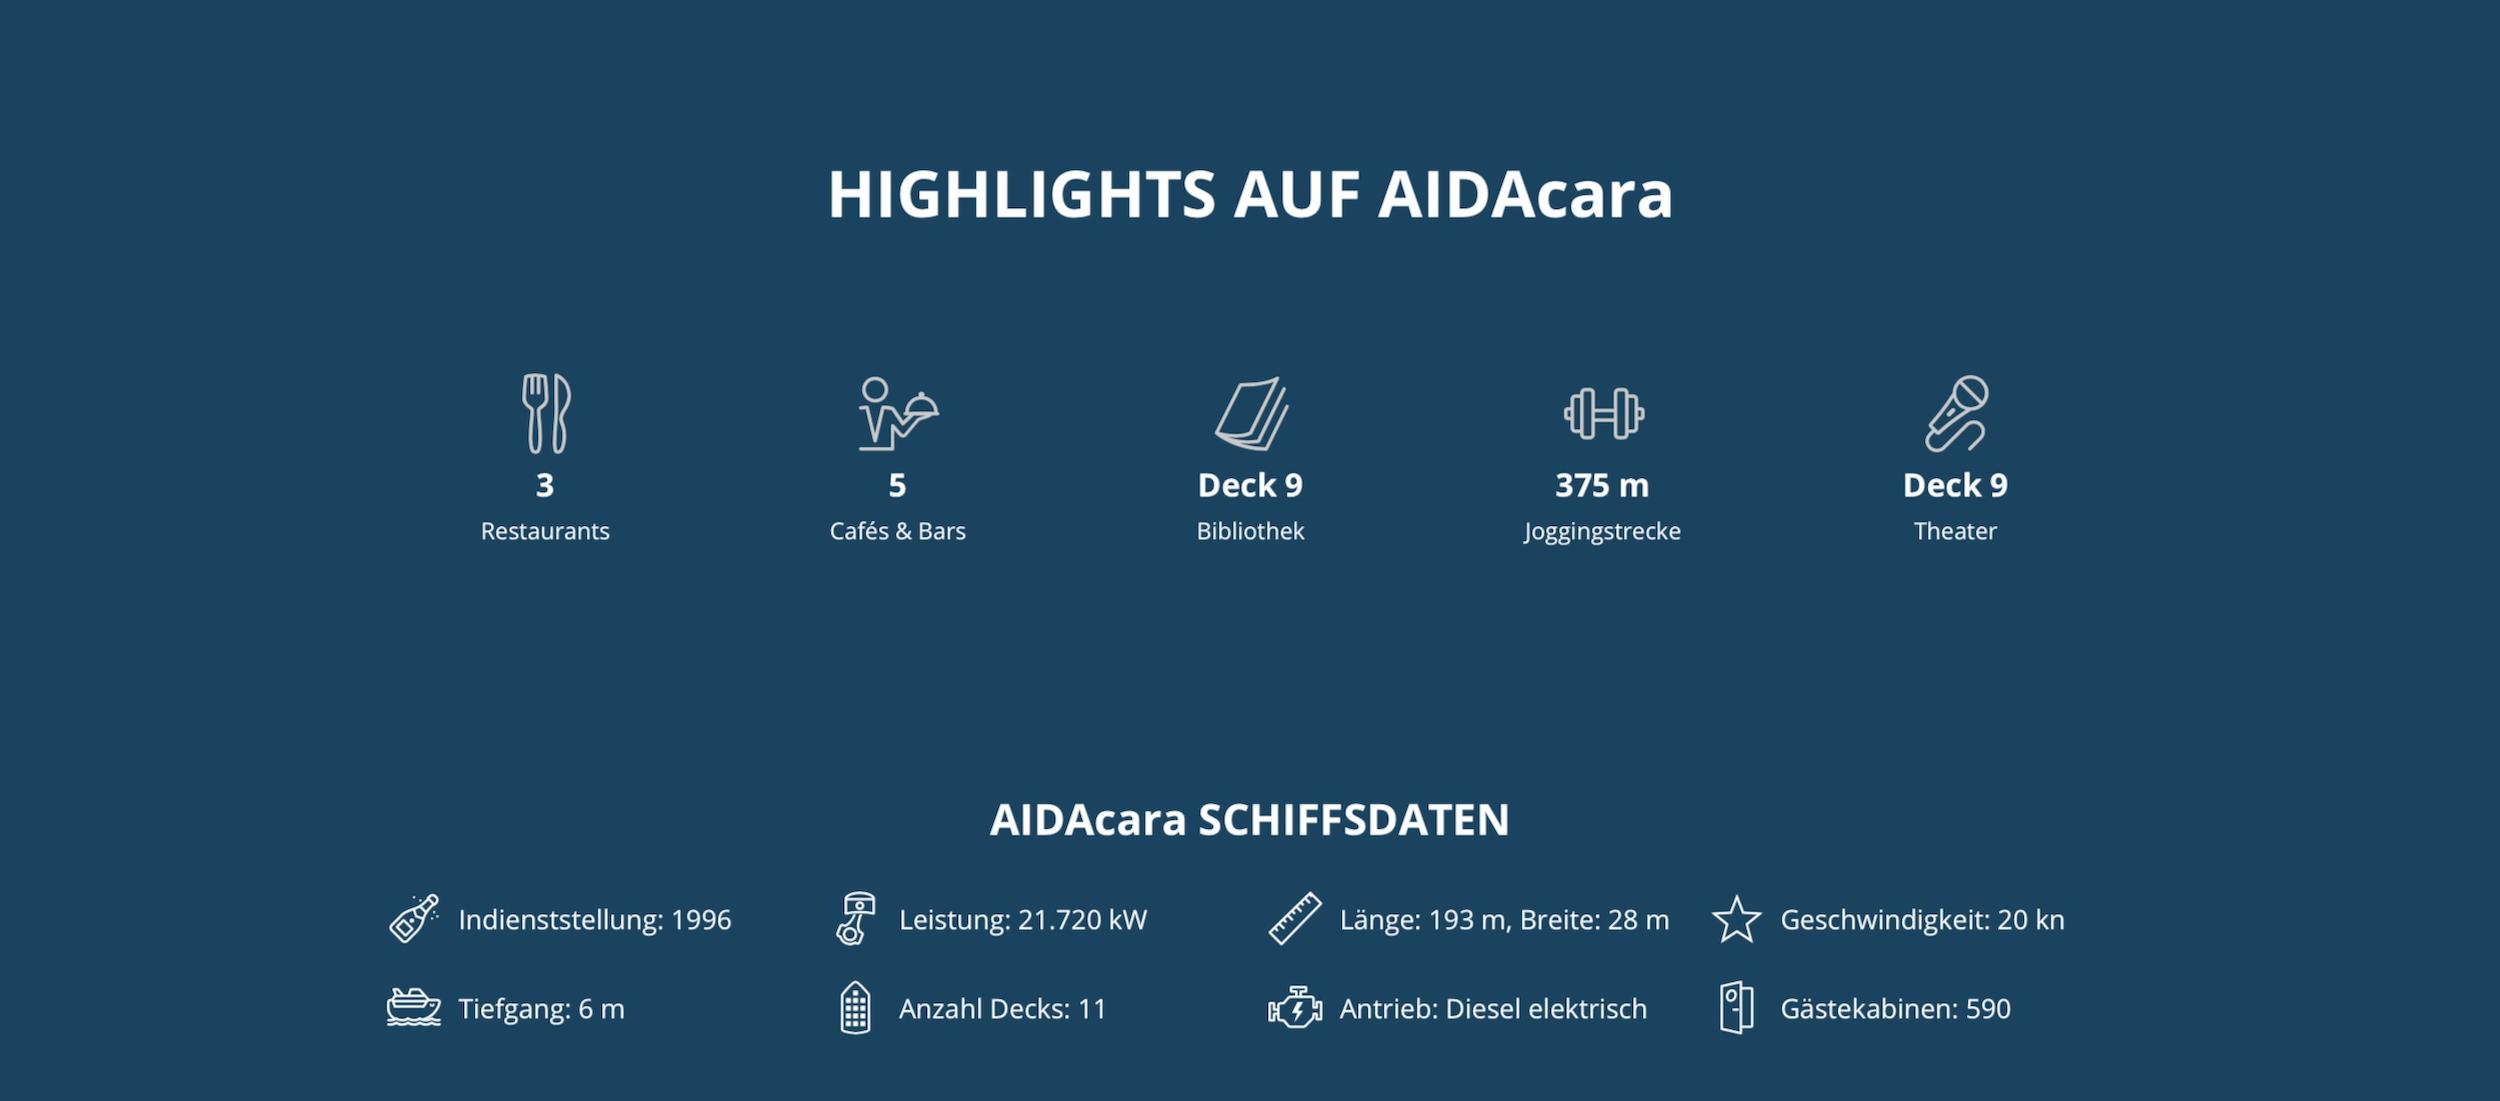 aida-cruises-ships-aidacara-daten